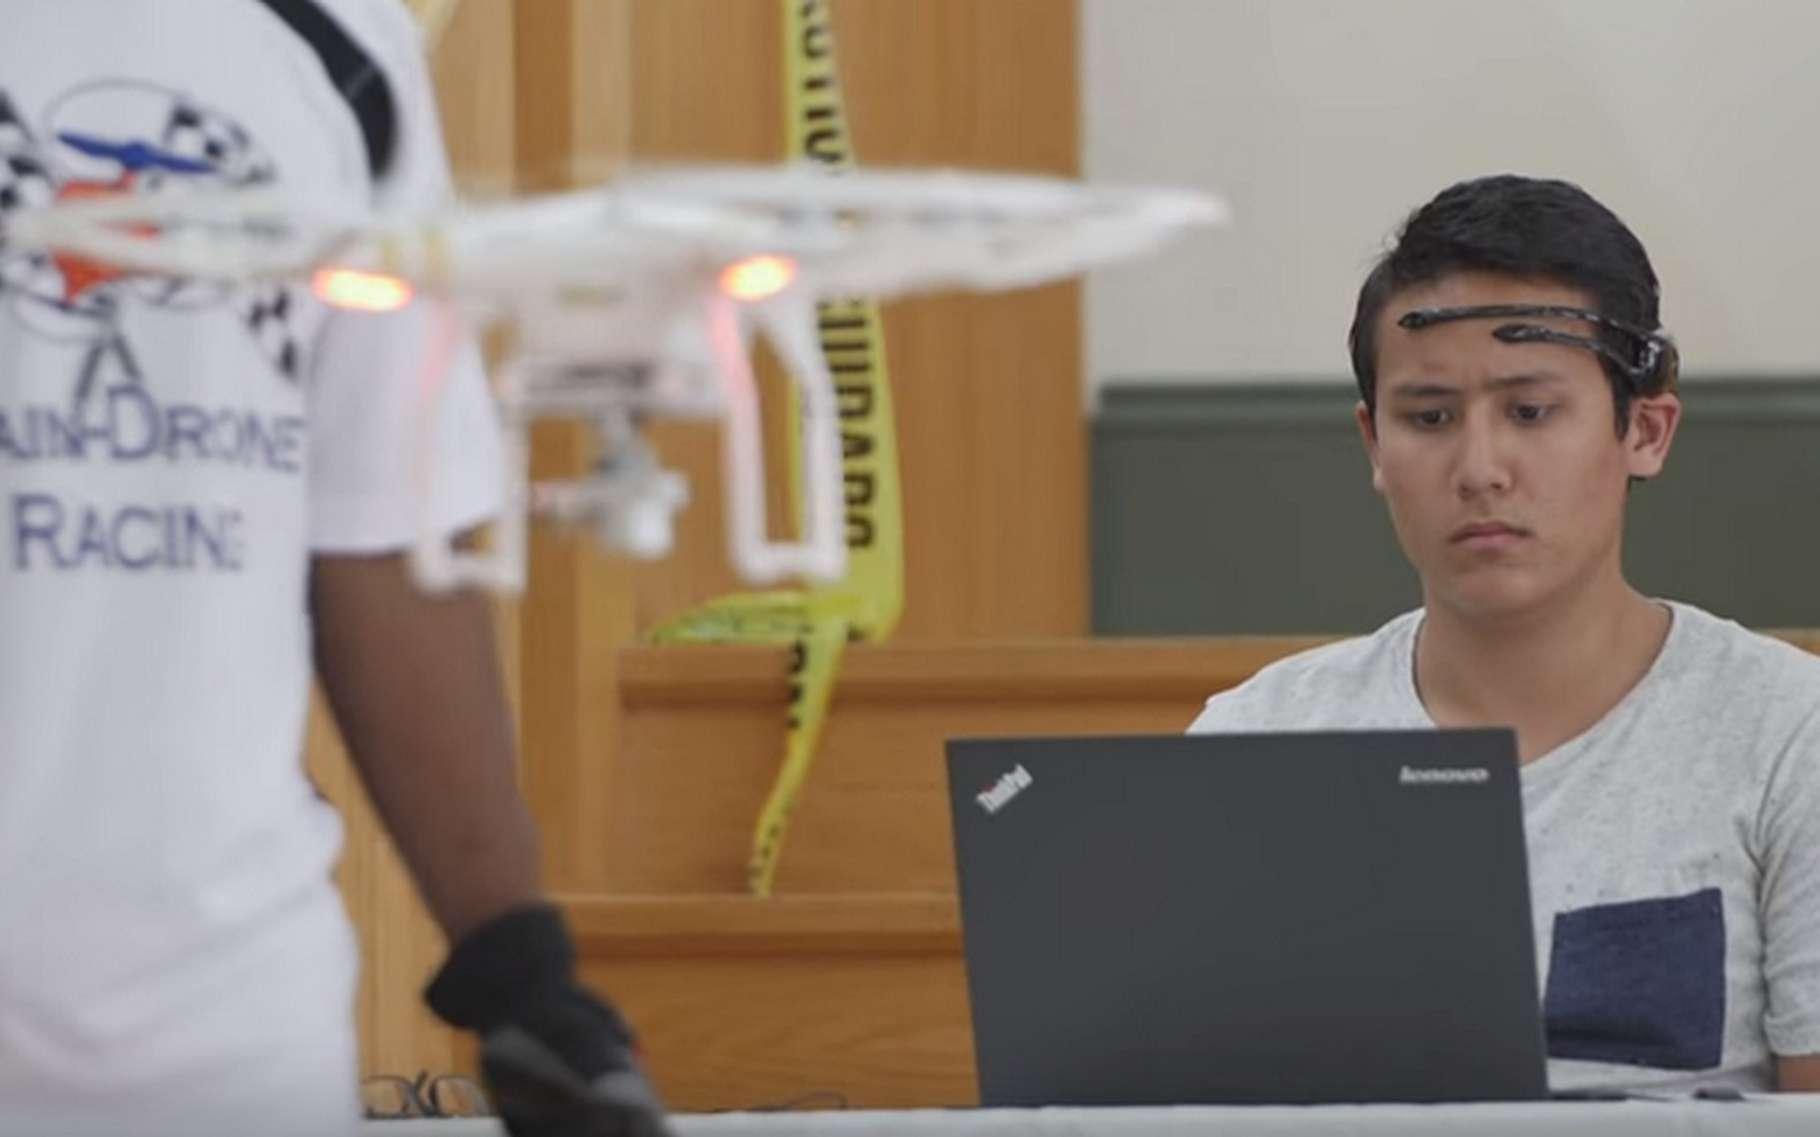 La Brain-Drone Race a opposé seize étudiants de l'université de Floride équipés de casques EEG issus du commerce. © University of Florida